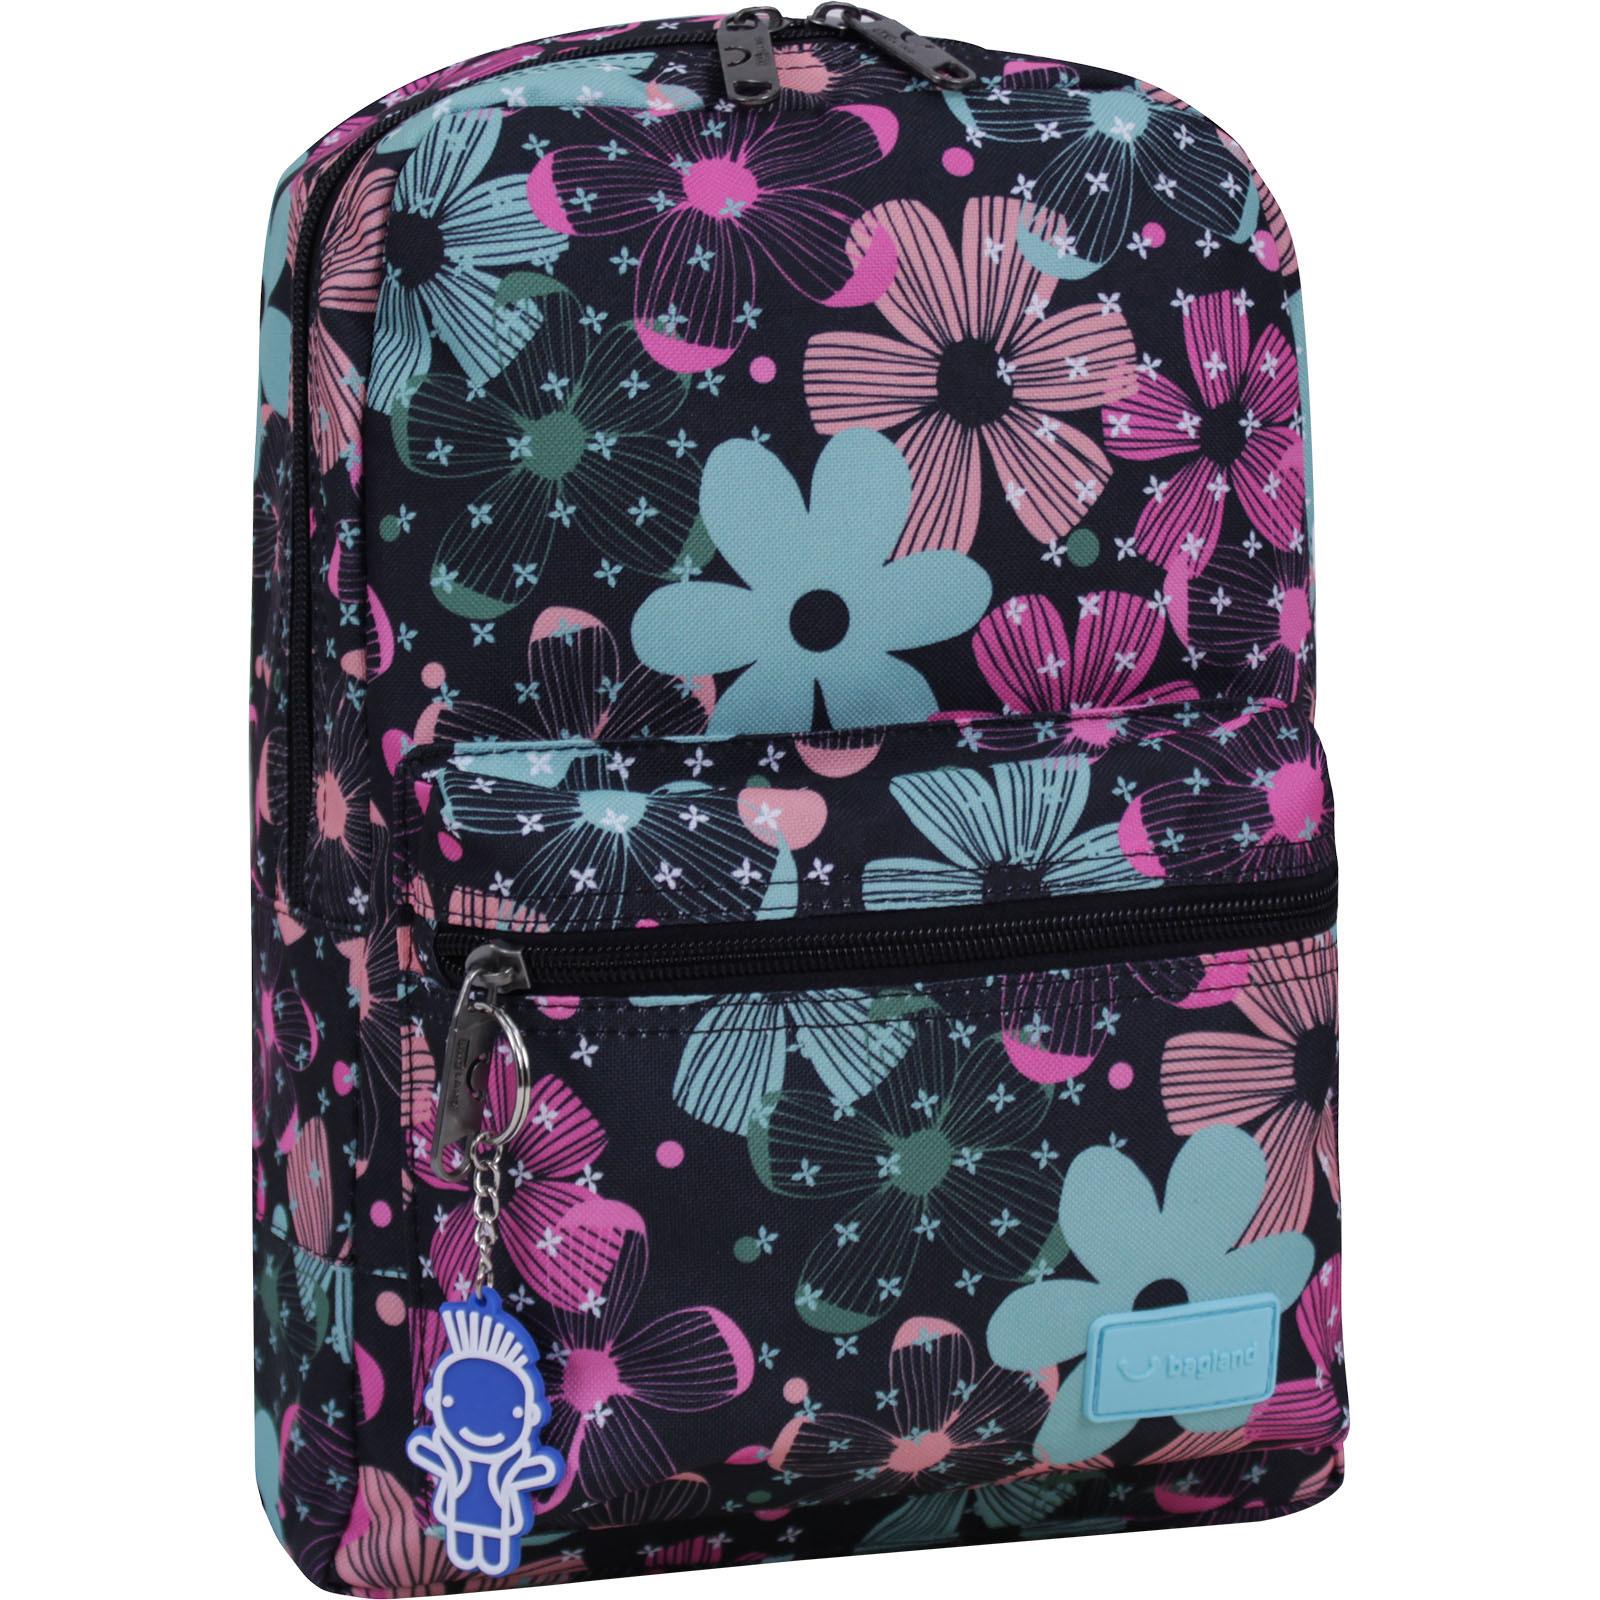 Молодежные рюкзаки Рюкзак Bagland Молодежный mini 8 л. сублімація 385 (00508664) IMG_8203суб385-1600.jpg